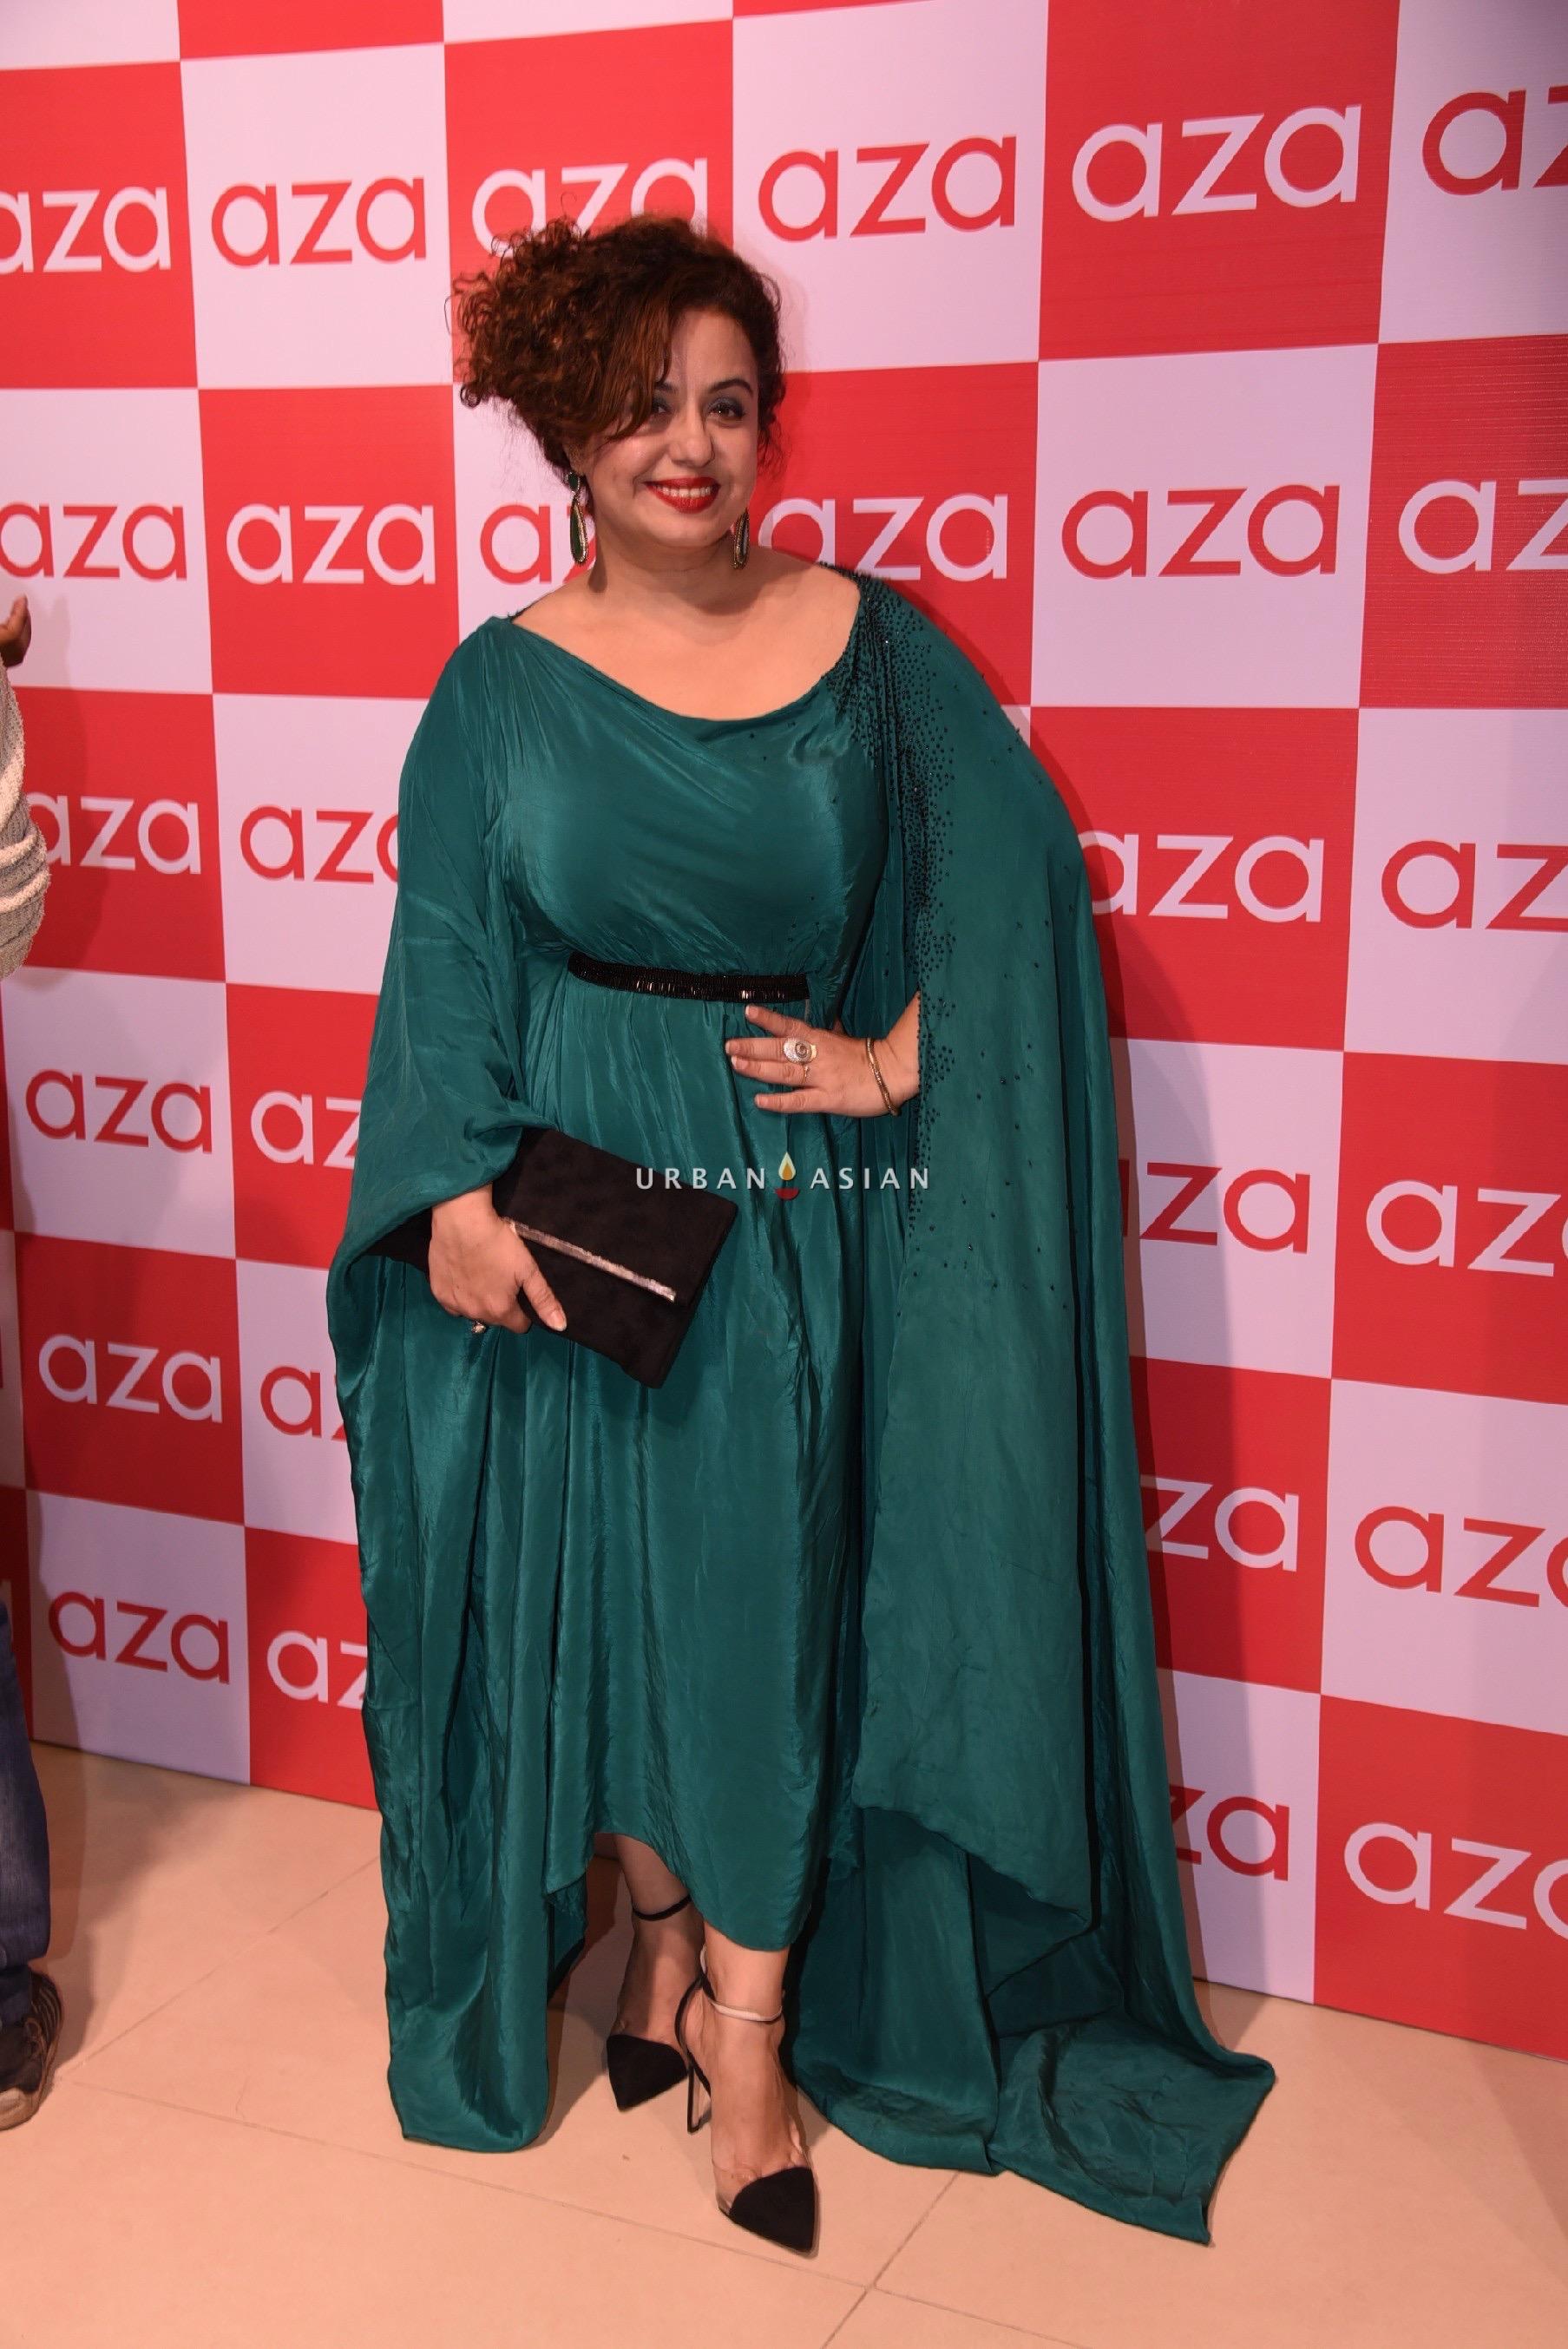 vandana-sajnani-khattar-eshaa-amiins-new-party-wear-launch-at-aza